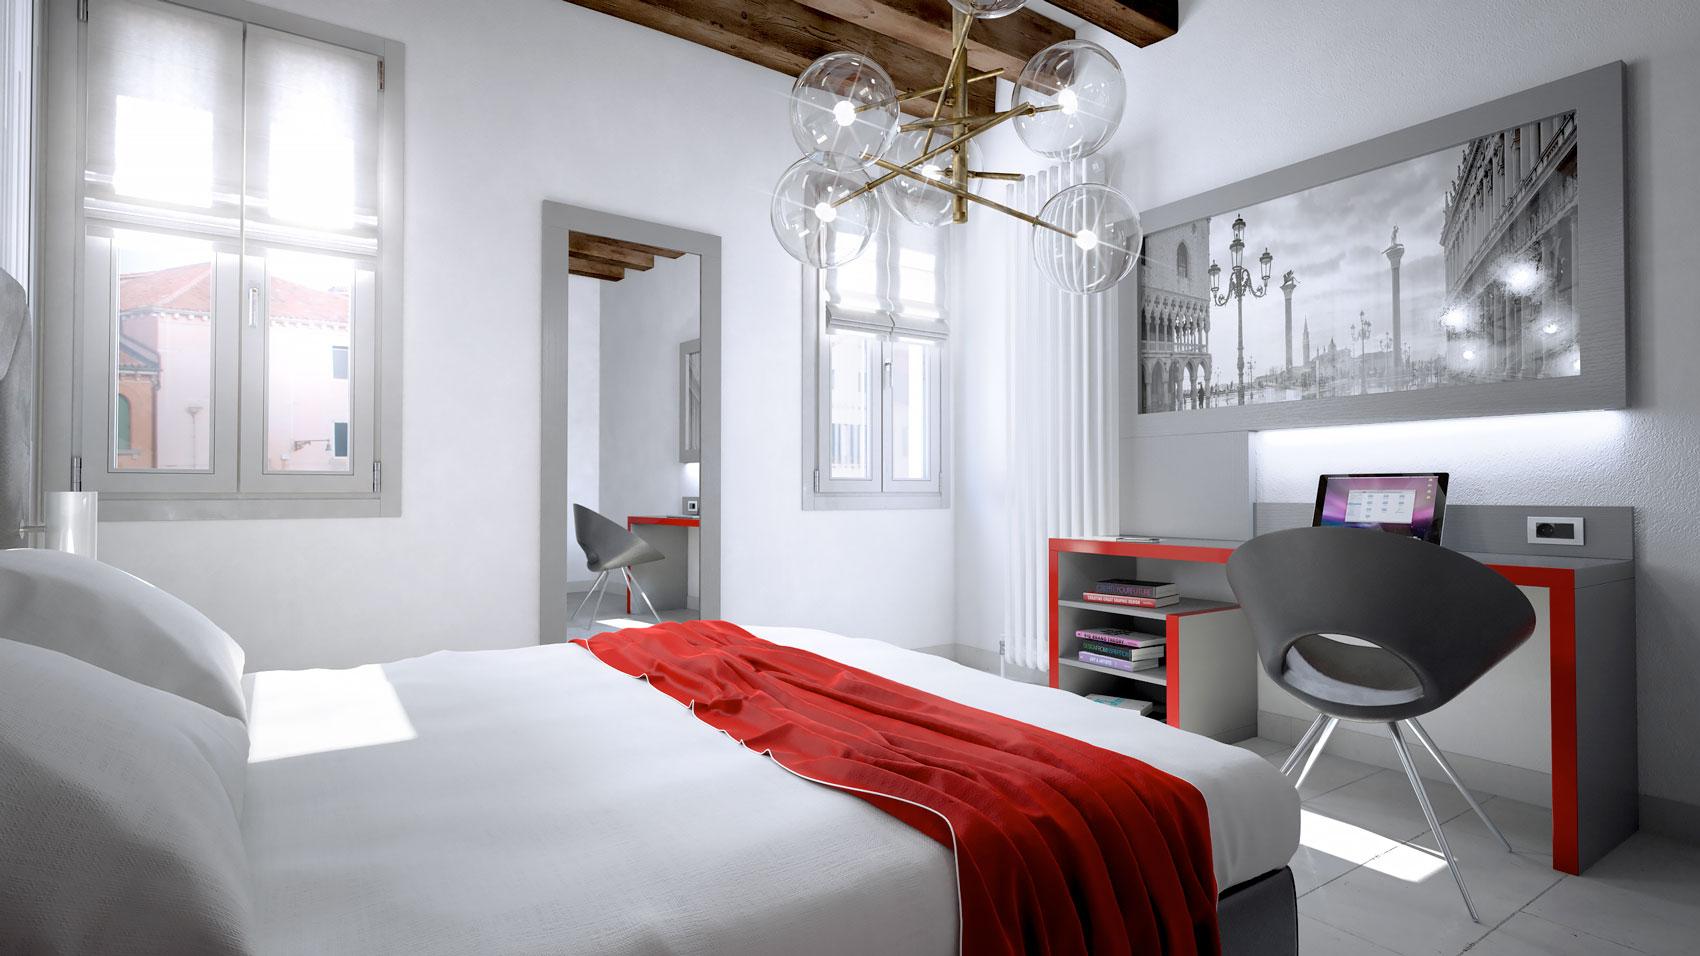 Come Allestire Un B&b aprire un bed and breakfast: consigli utili per aprire un